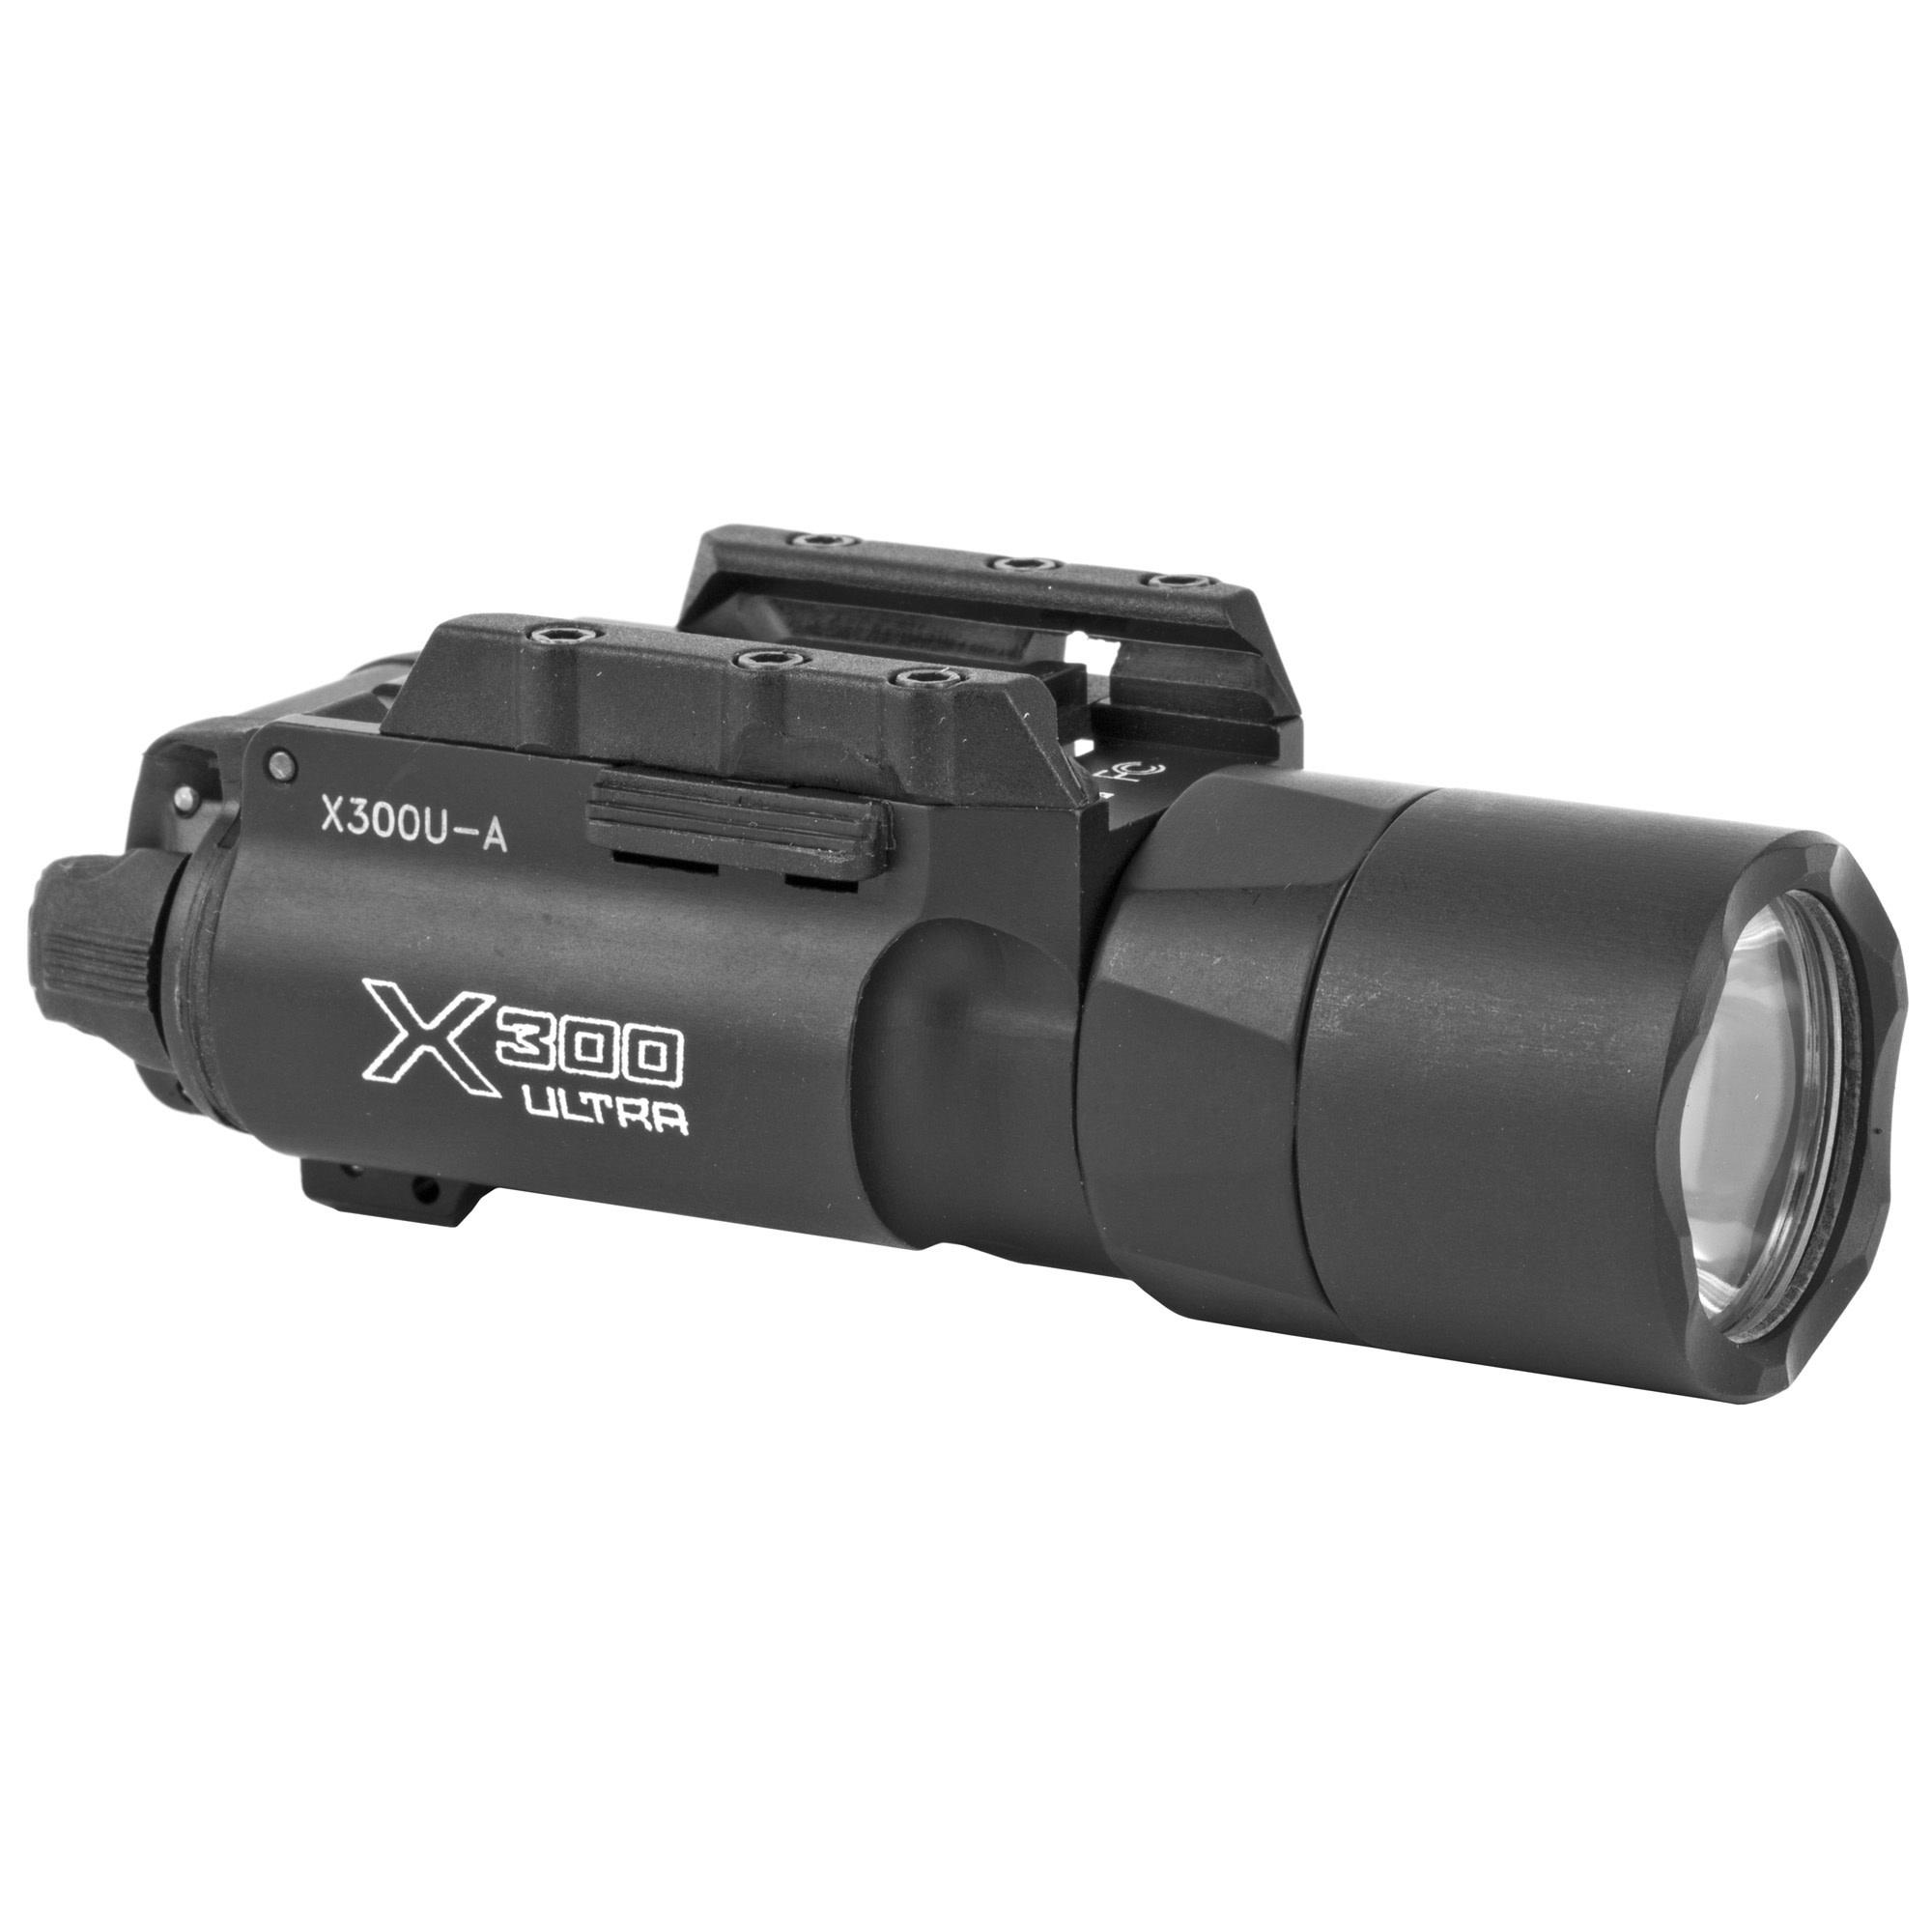 Surefire X300 ULTRA, 600 LU, Black, Push/Toggle Switch